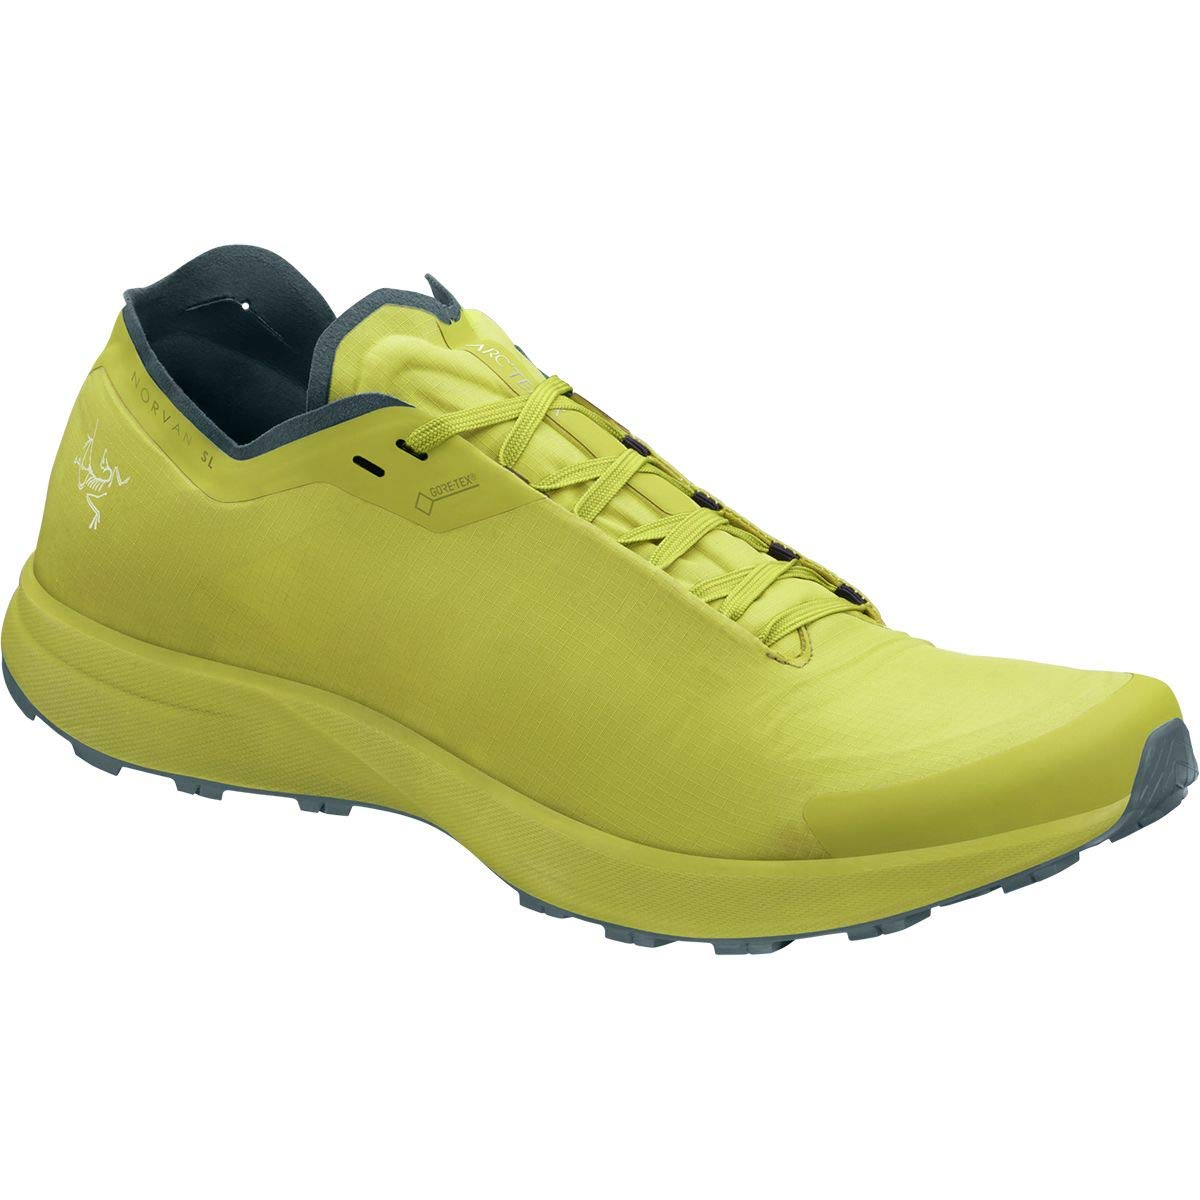 【送料無料/新品】 [アークテリクス] メンズ ランニング Norvan SL GTX GTX Norvan Running Shoe [並行輸入品] B07NZMSP5J B07NZMSP5J US-7.0/UK-6.5, 調理道具専門店 エモーノ:f8728f4c --- woxpedia.com